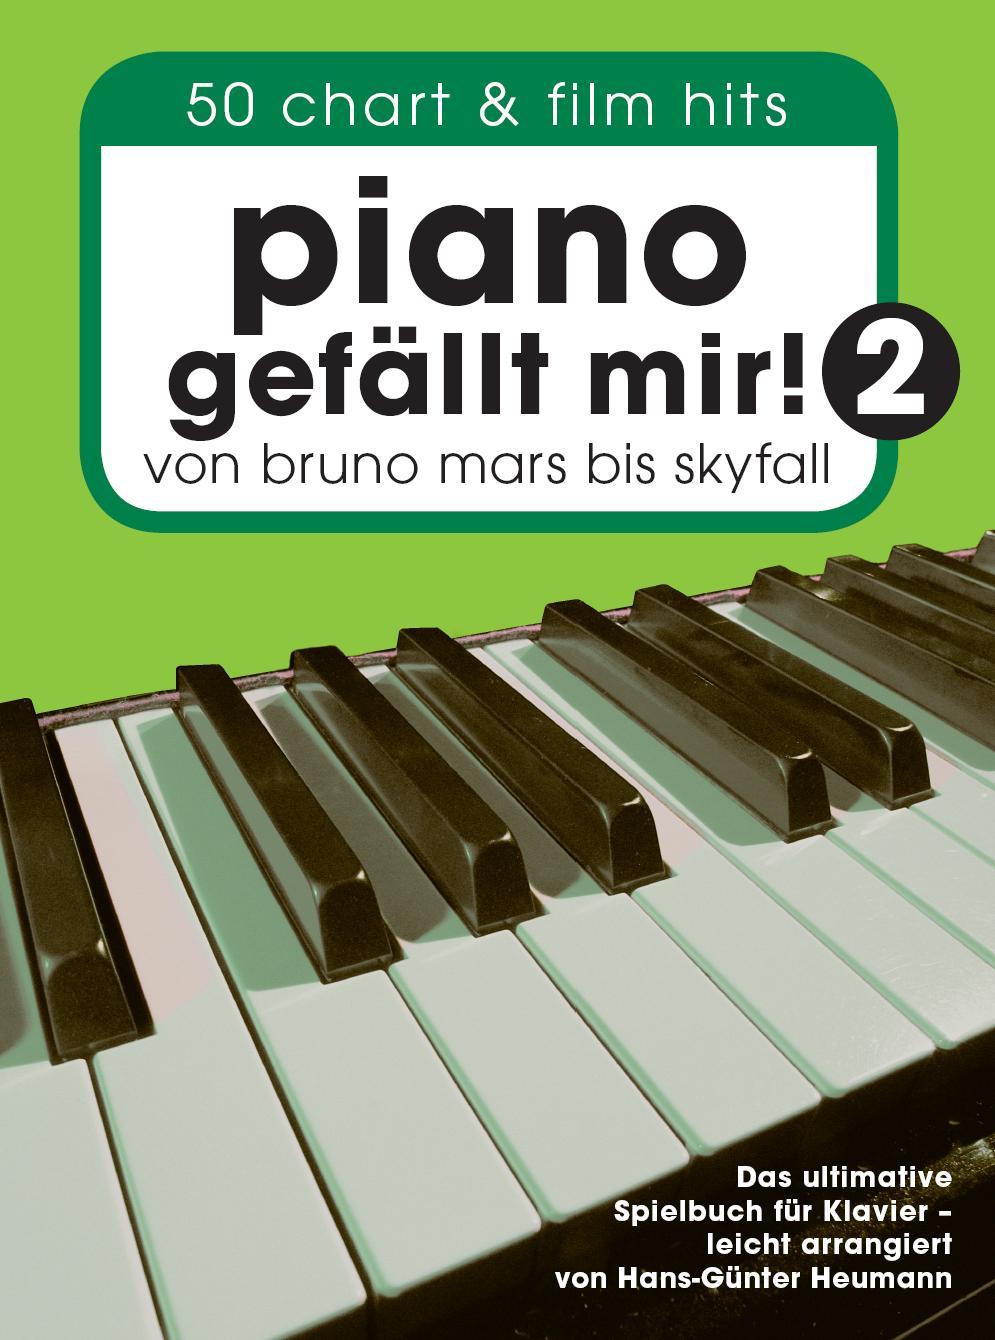 Piano gefällt mir! 50 Chart und Film Hits - Band 2: ...von Bruno Mars bis Skyfall. Das ultimative Spielbuch für Klavier